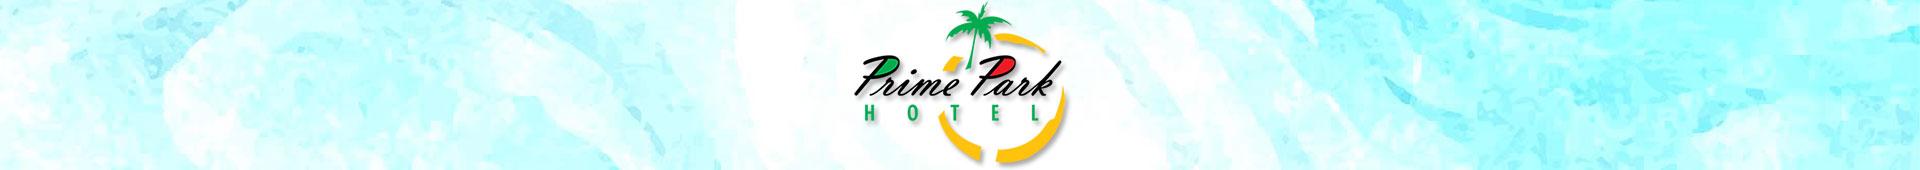 Prime Park Hotel